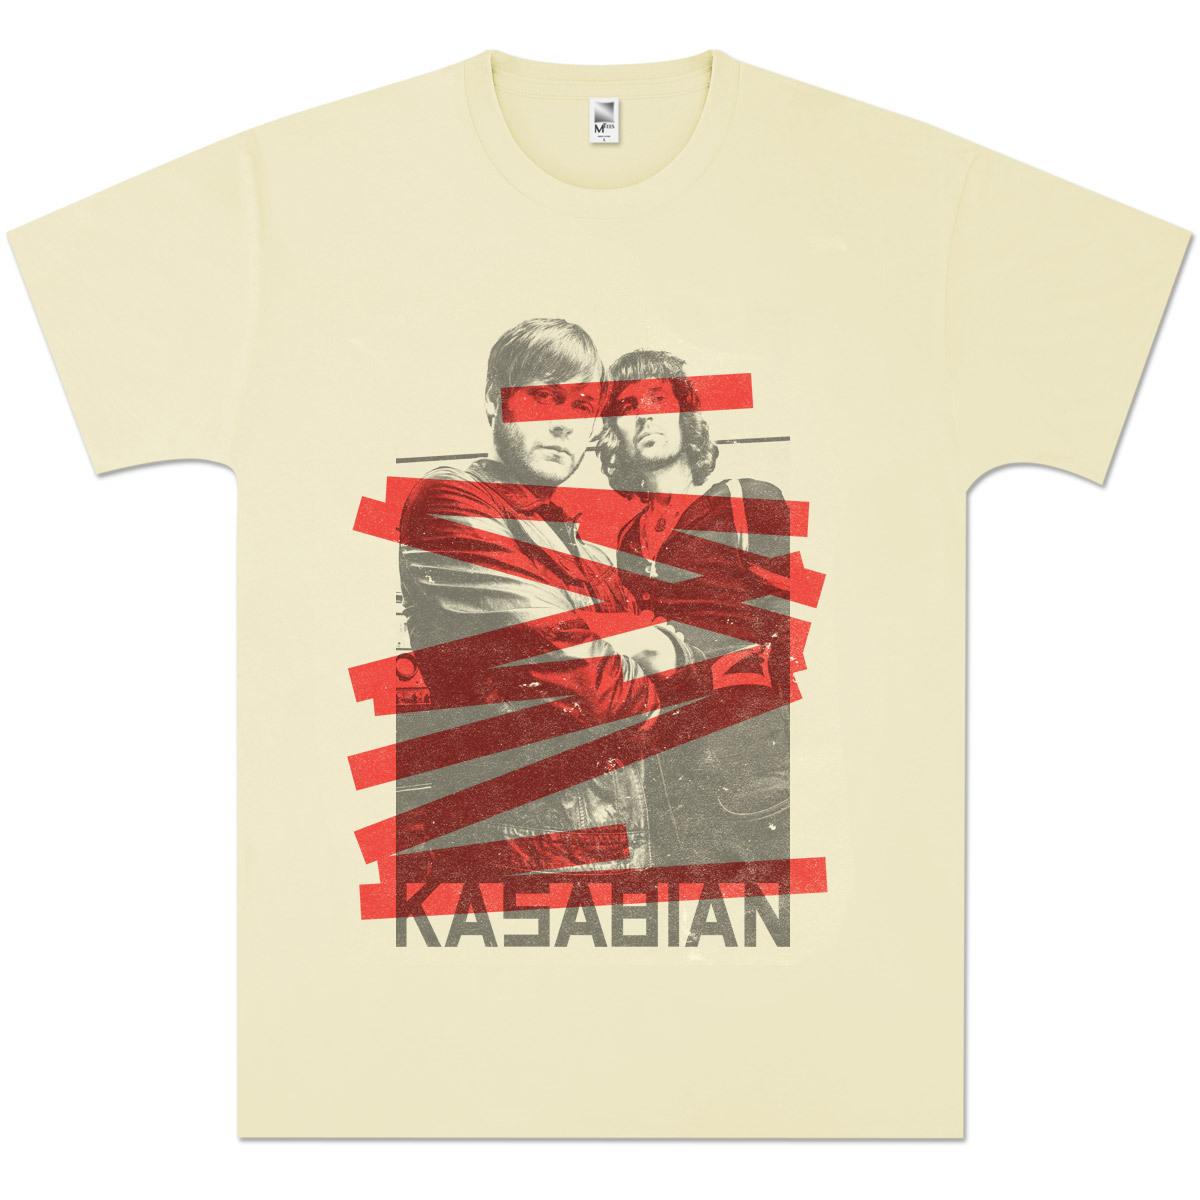 Kasabian Scenester T-Shirt